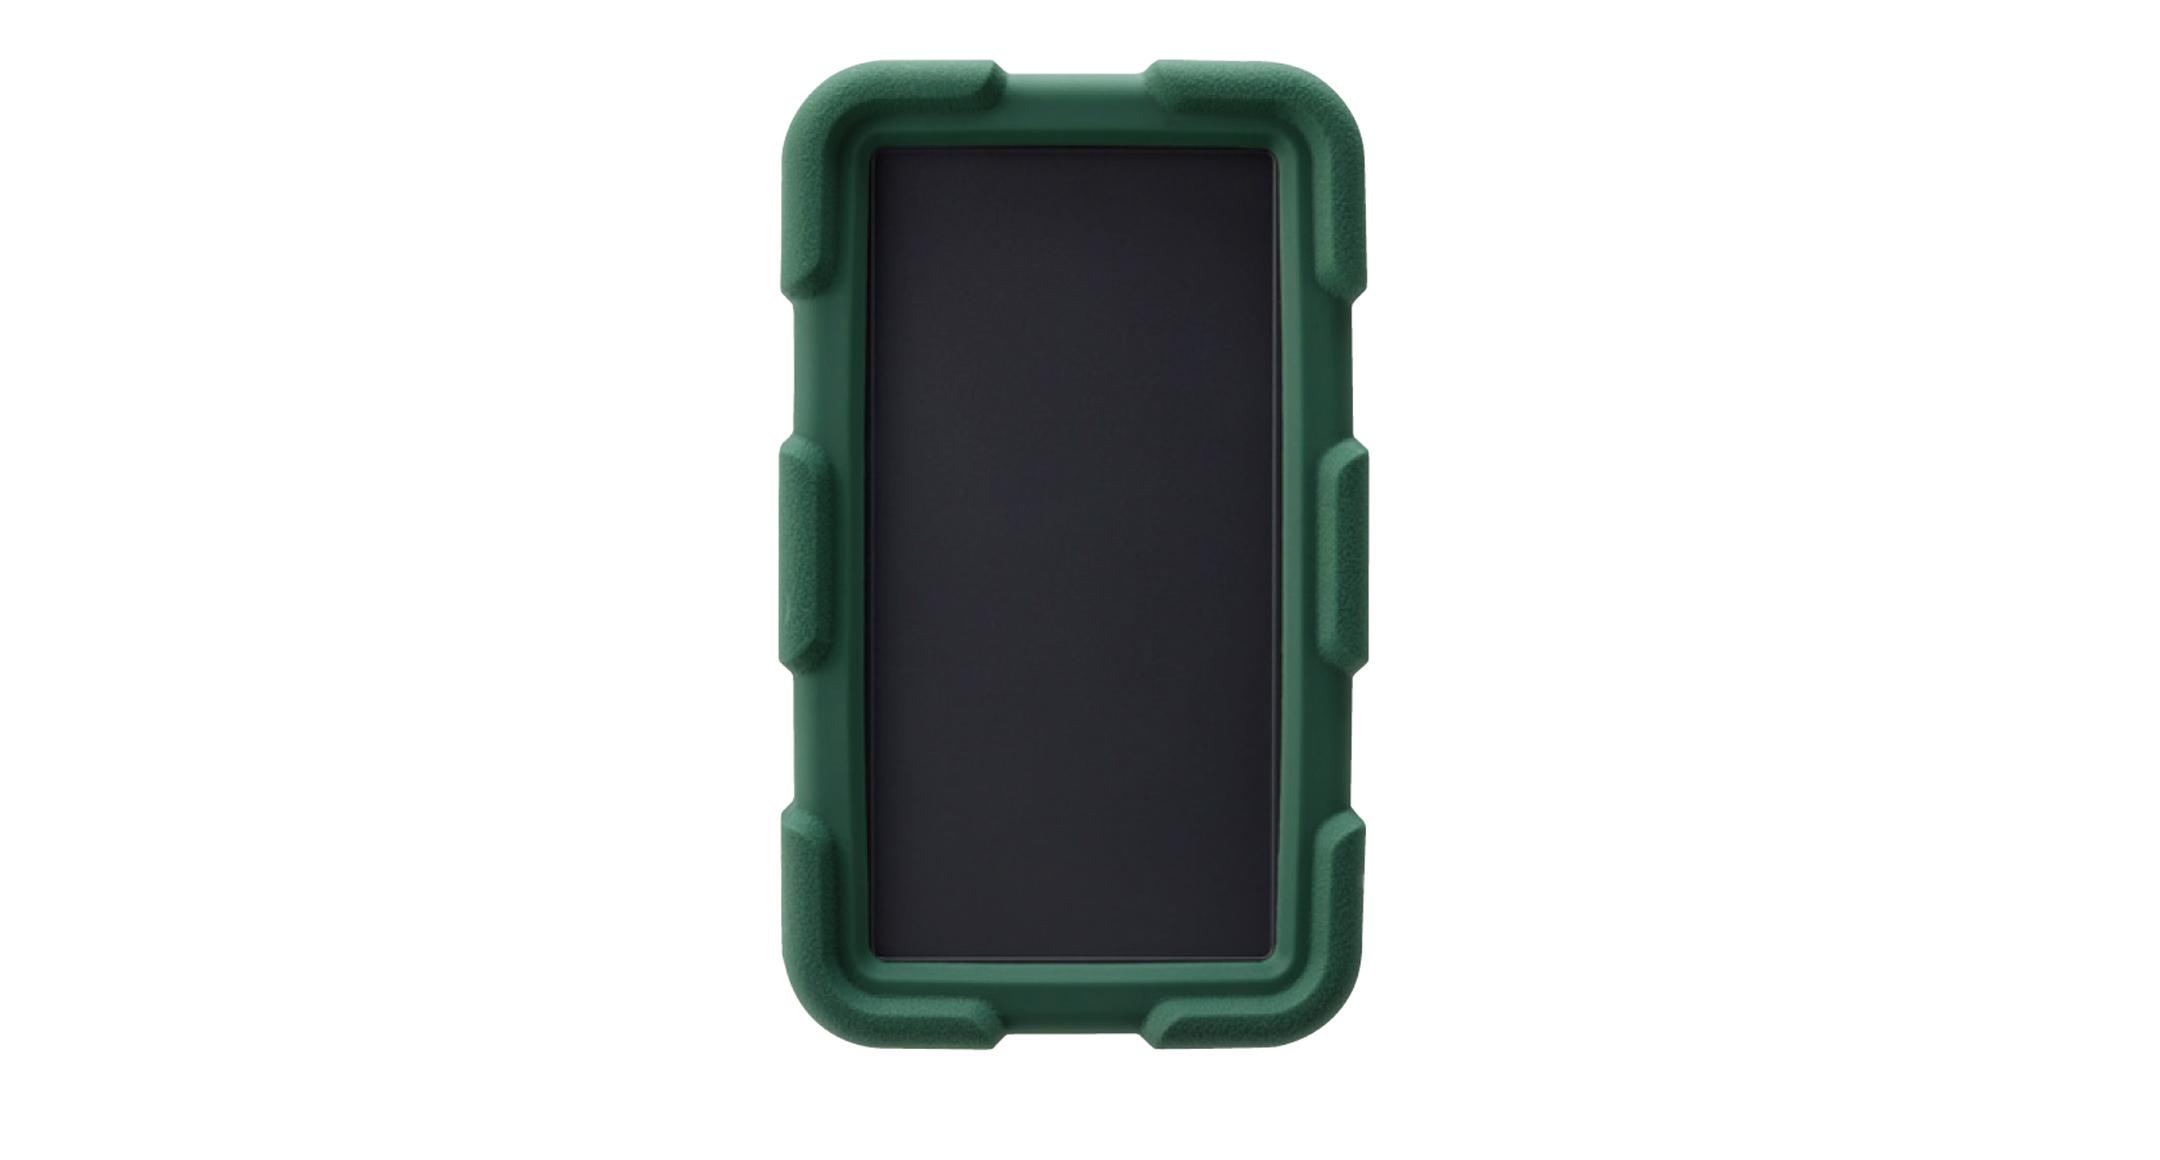 耐衝撃シリコンカバー付プラスチックケース LCTシリーズ:ダークグレー/グリーンの画像